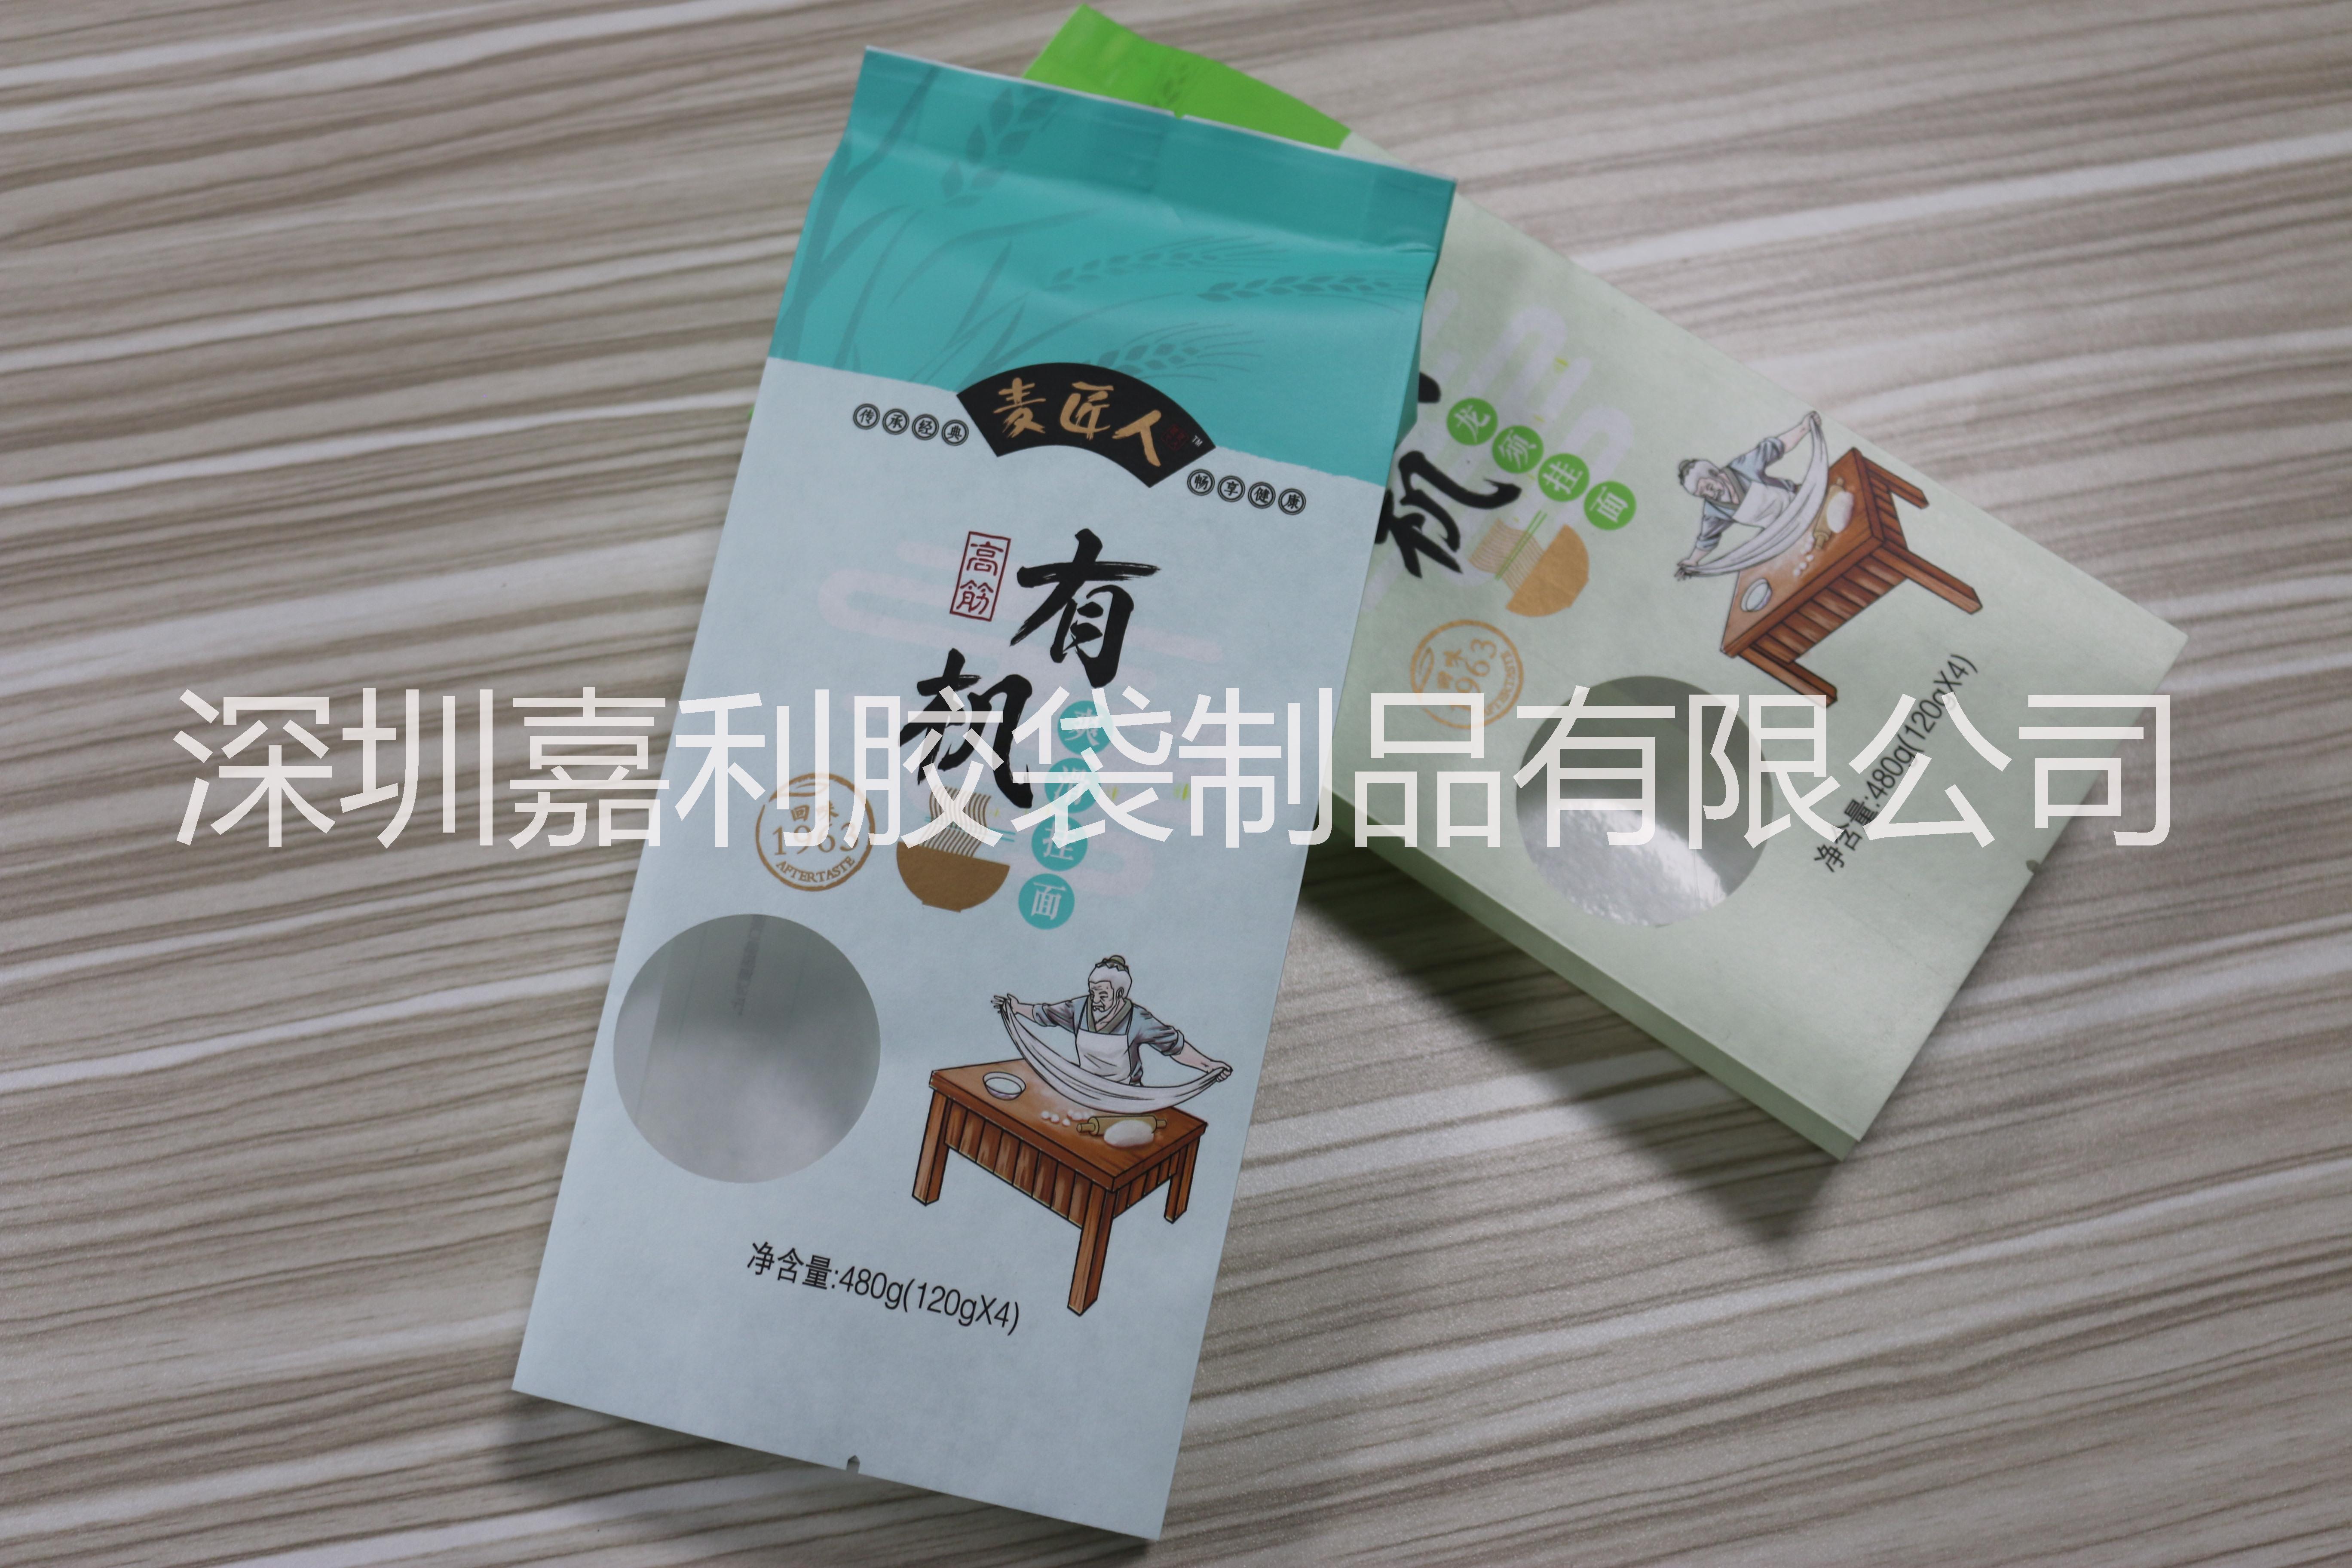 厂家专业定做中封风琴挂面袋 高档环保纸塑袋 牛皮纸食品袋